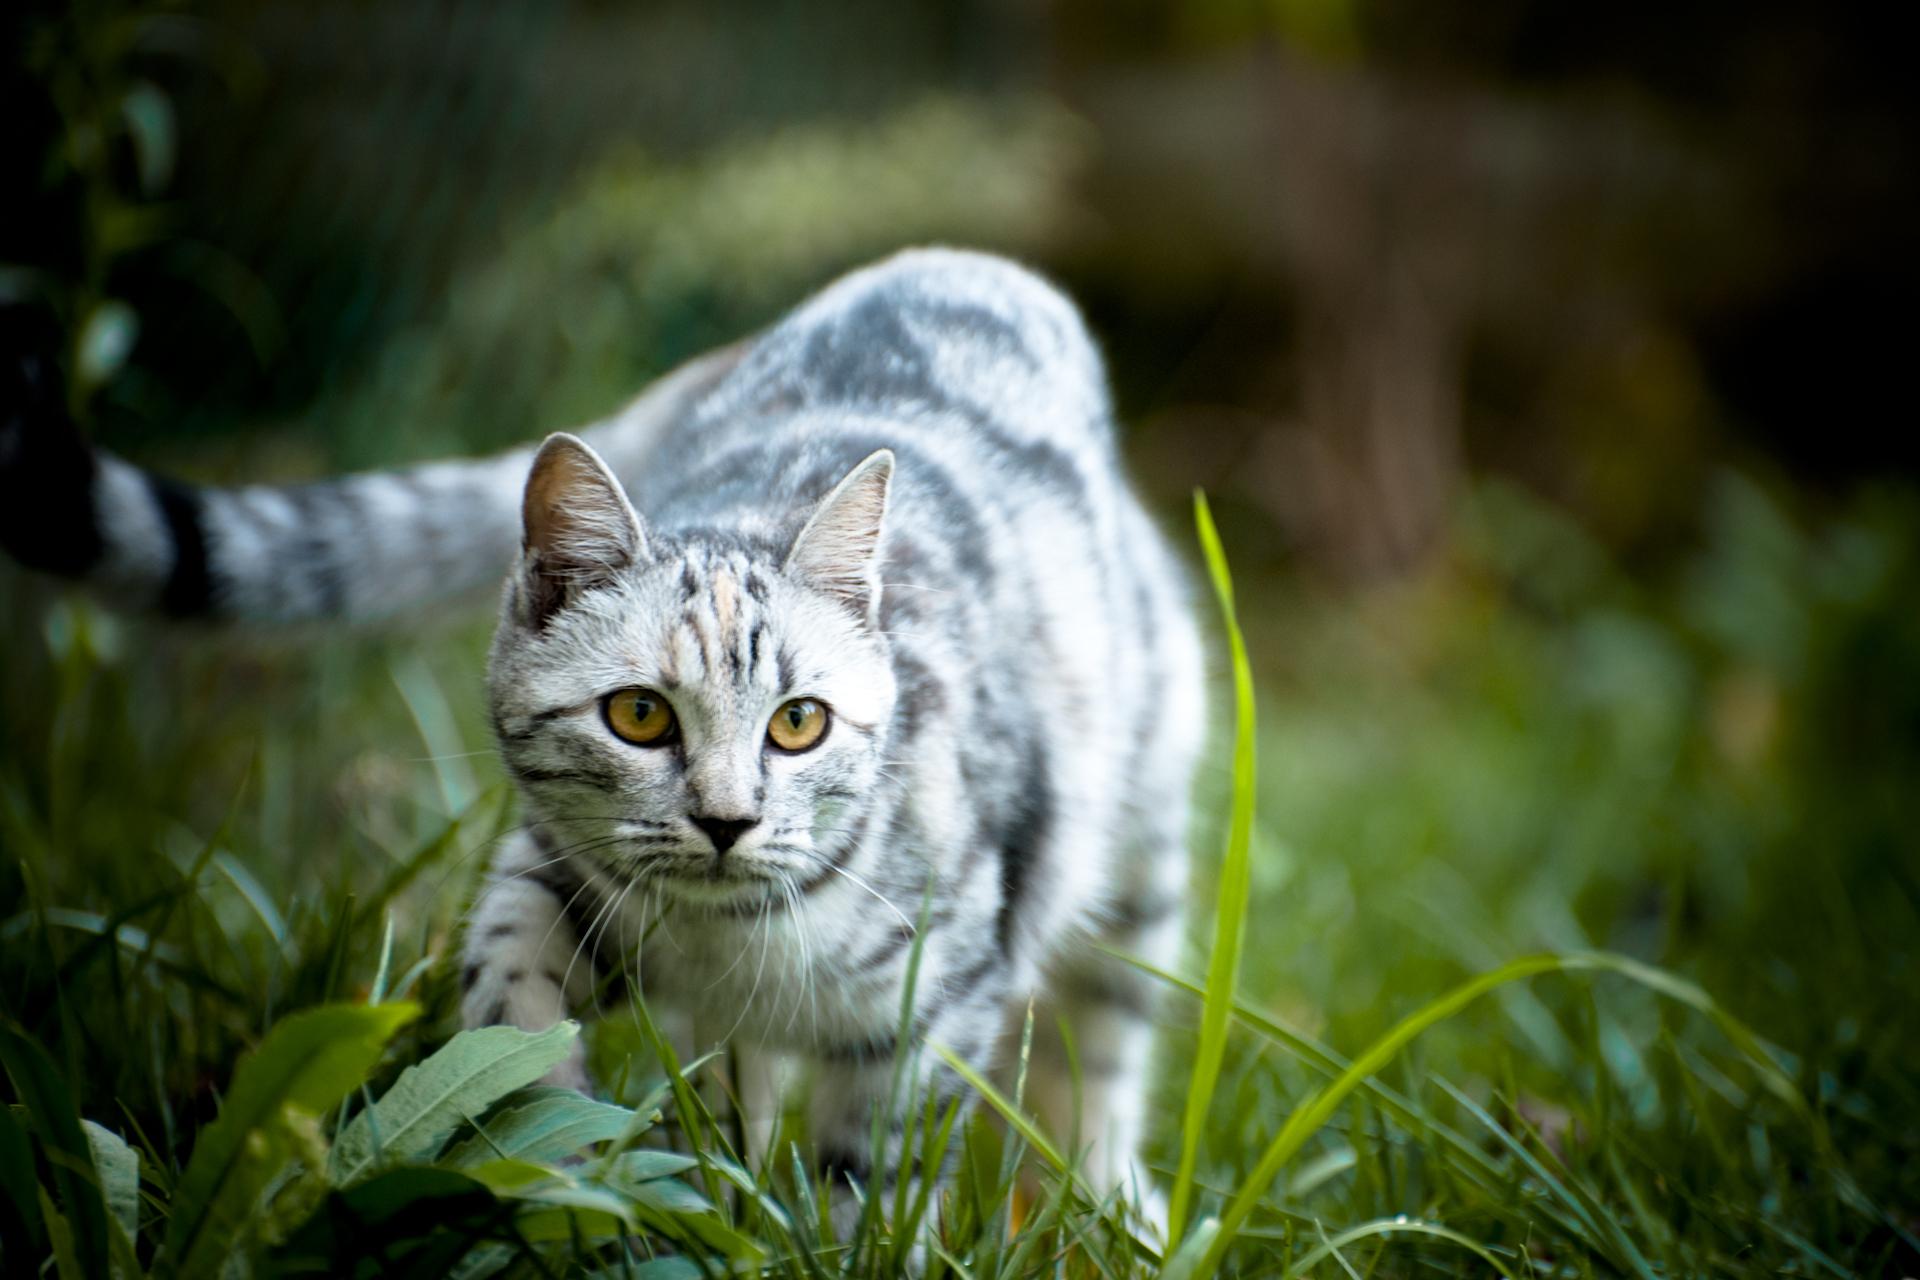 природа животные кот котенок серый журавлики nature animals cat kitten grey cranes  № 654720 бесплатно